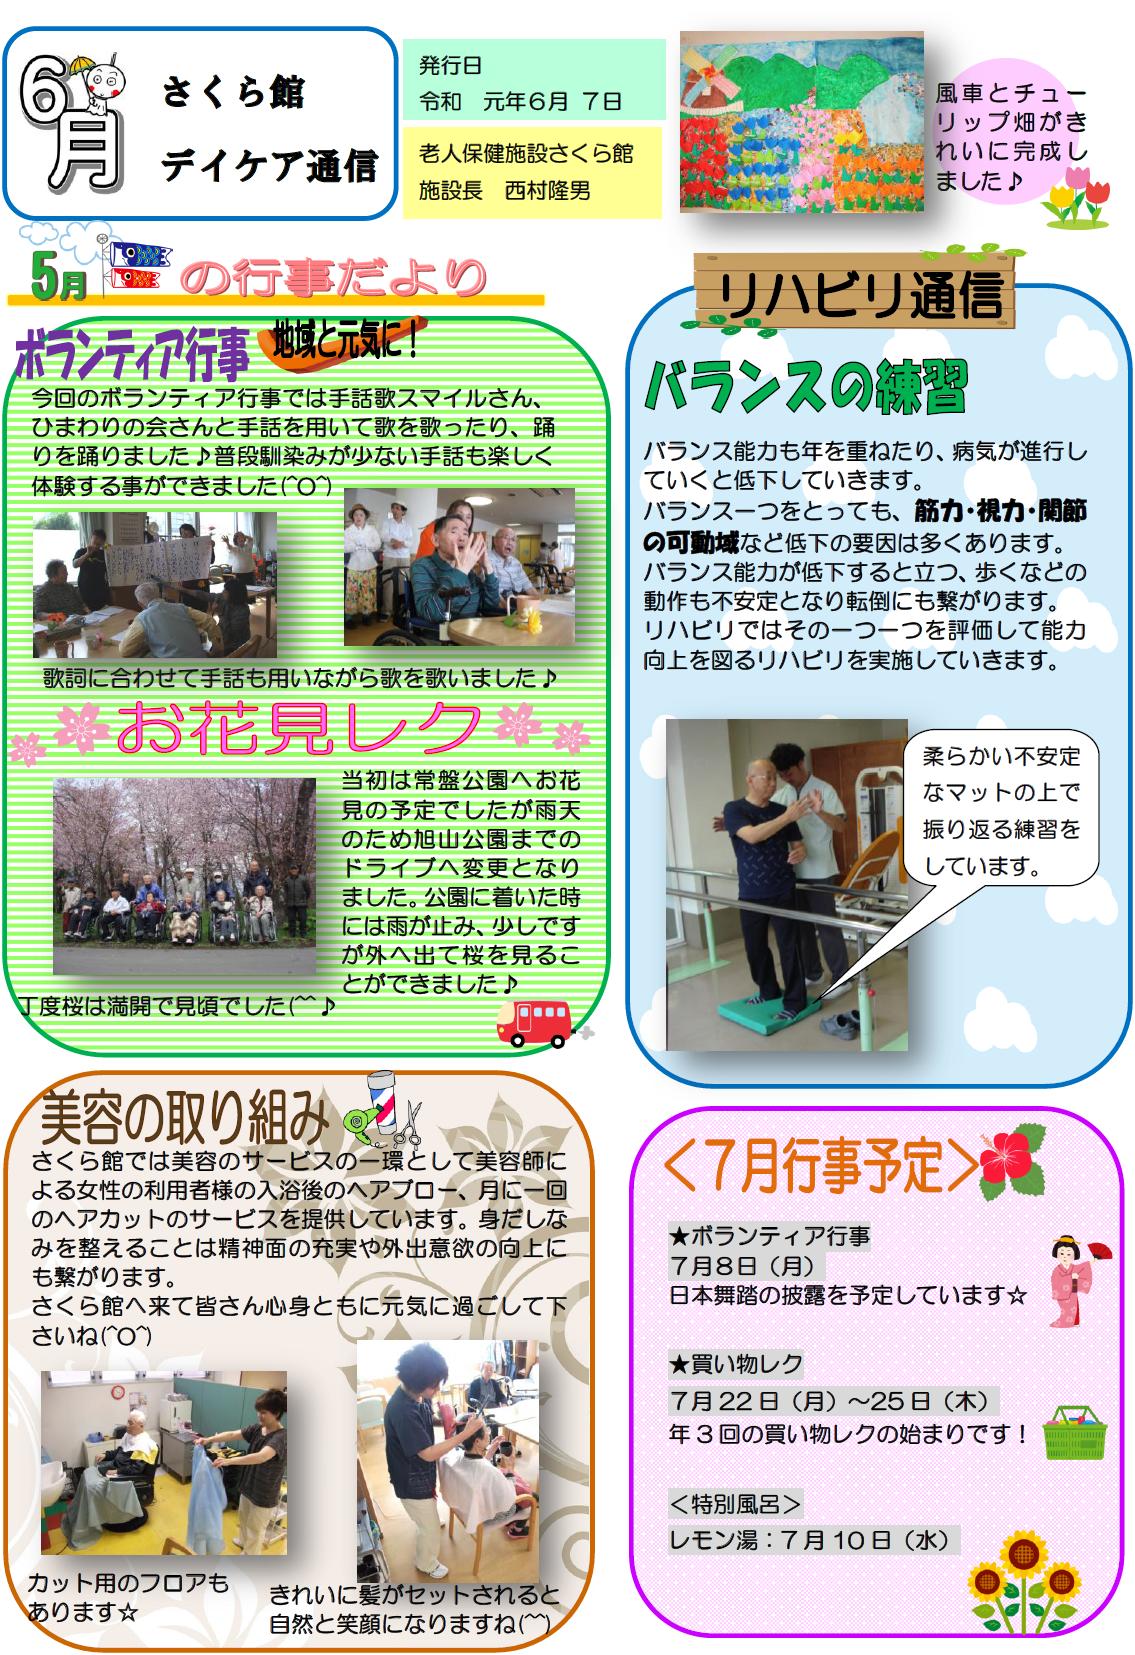 デイケア通信 6月号